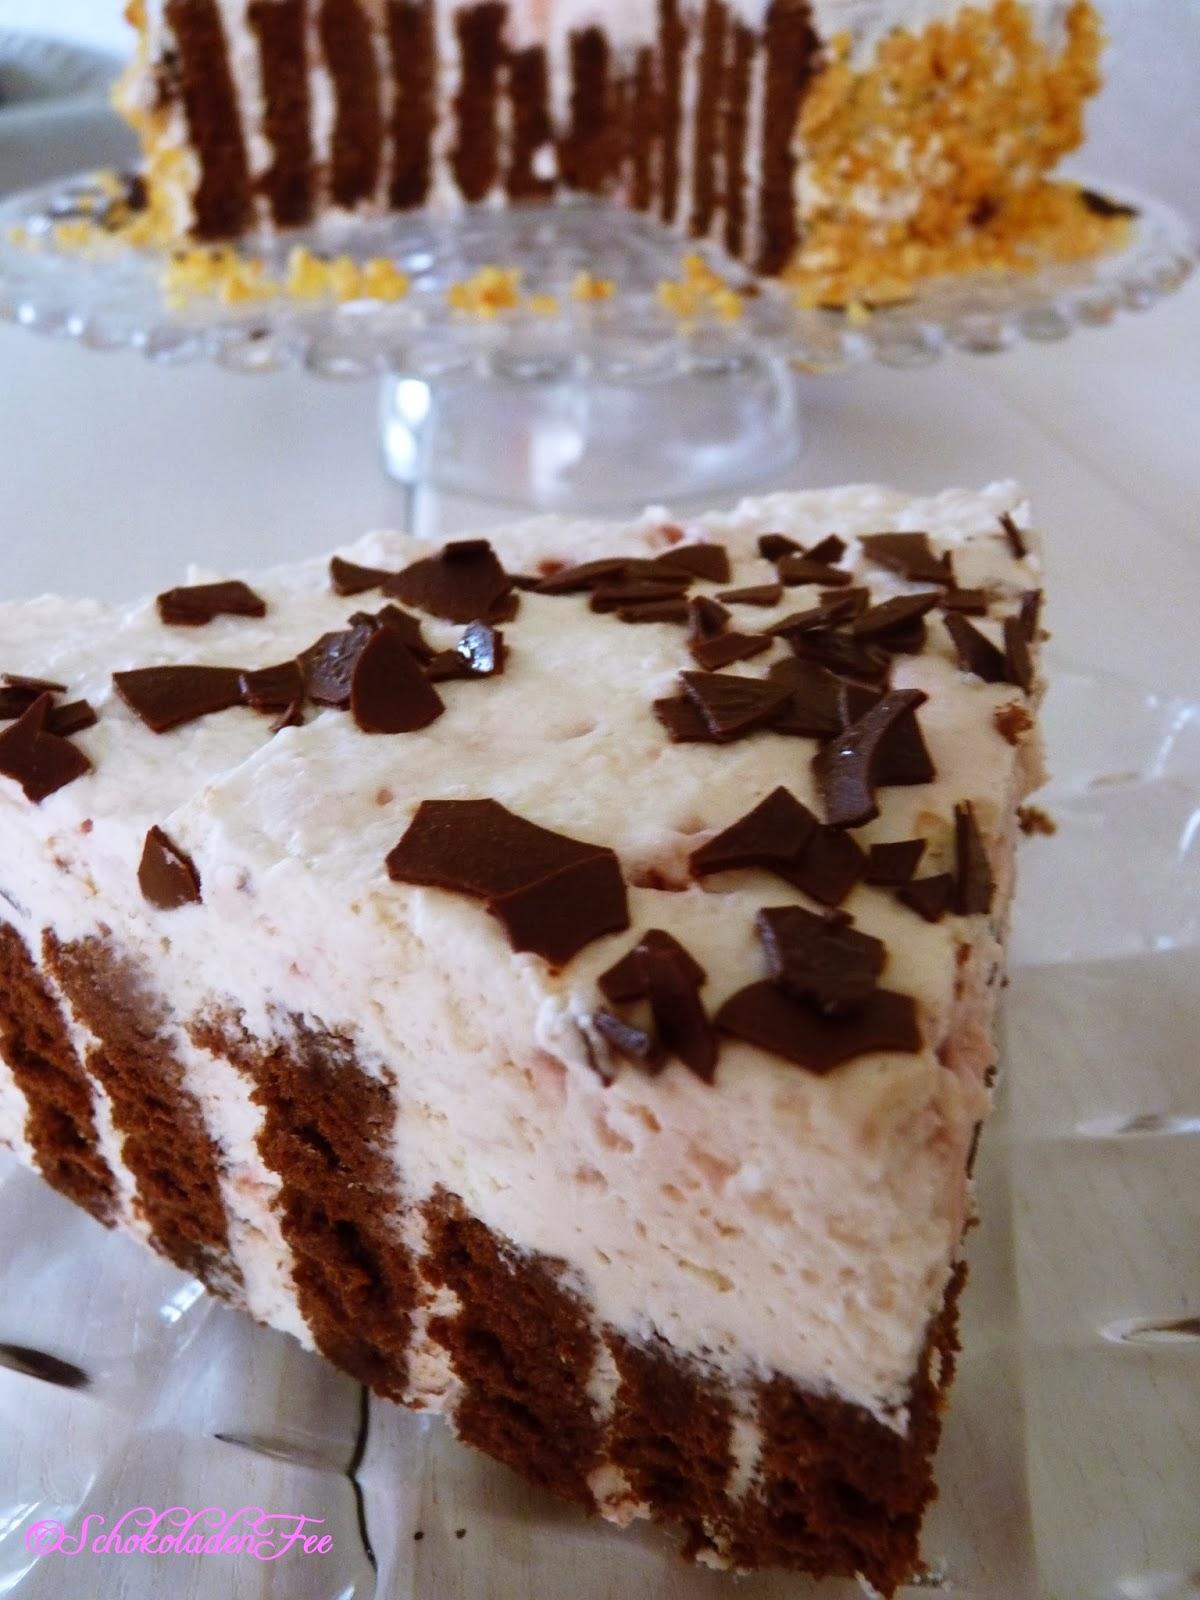 Schwarz Weiss Himbeer Torte Schokoladenfee